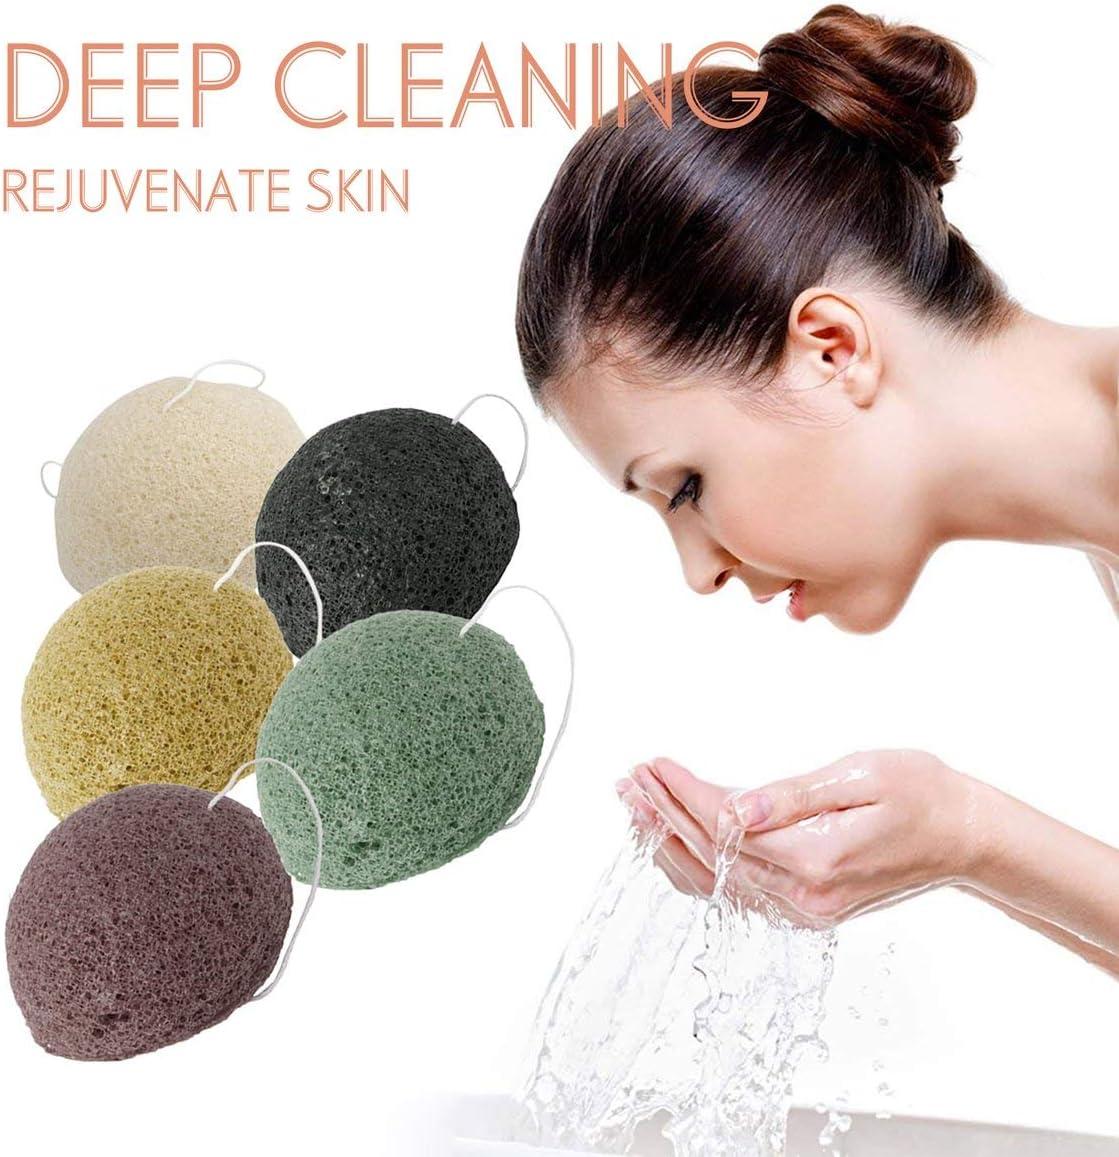 Monllack Nat/ürliche Konjac Schwamm Gesichtspflege Reinigung Waschen Schwamm Whitening Tiefenreinigung Poren Schwamm Hautpflege Werkzeuge